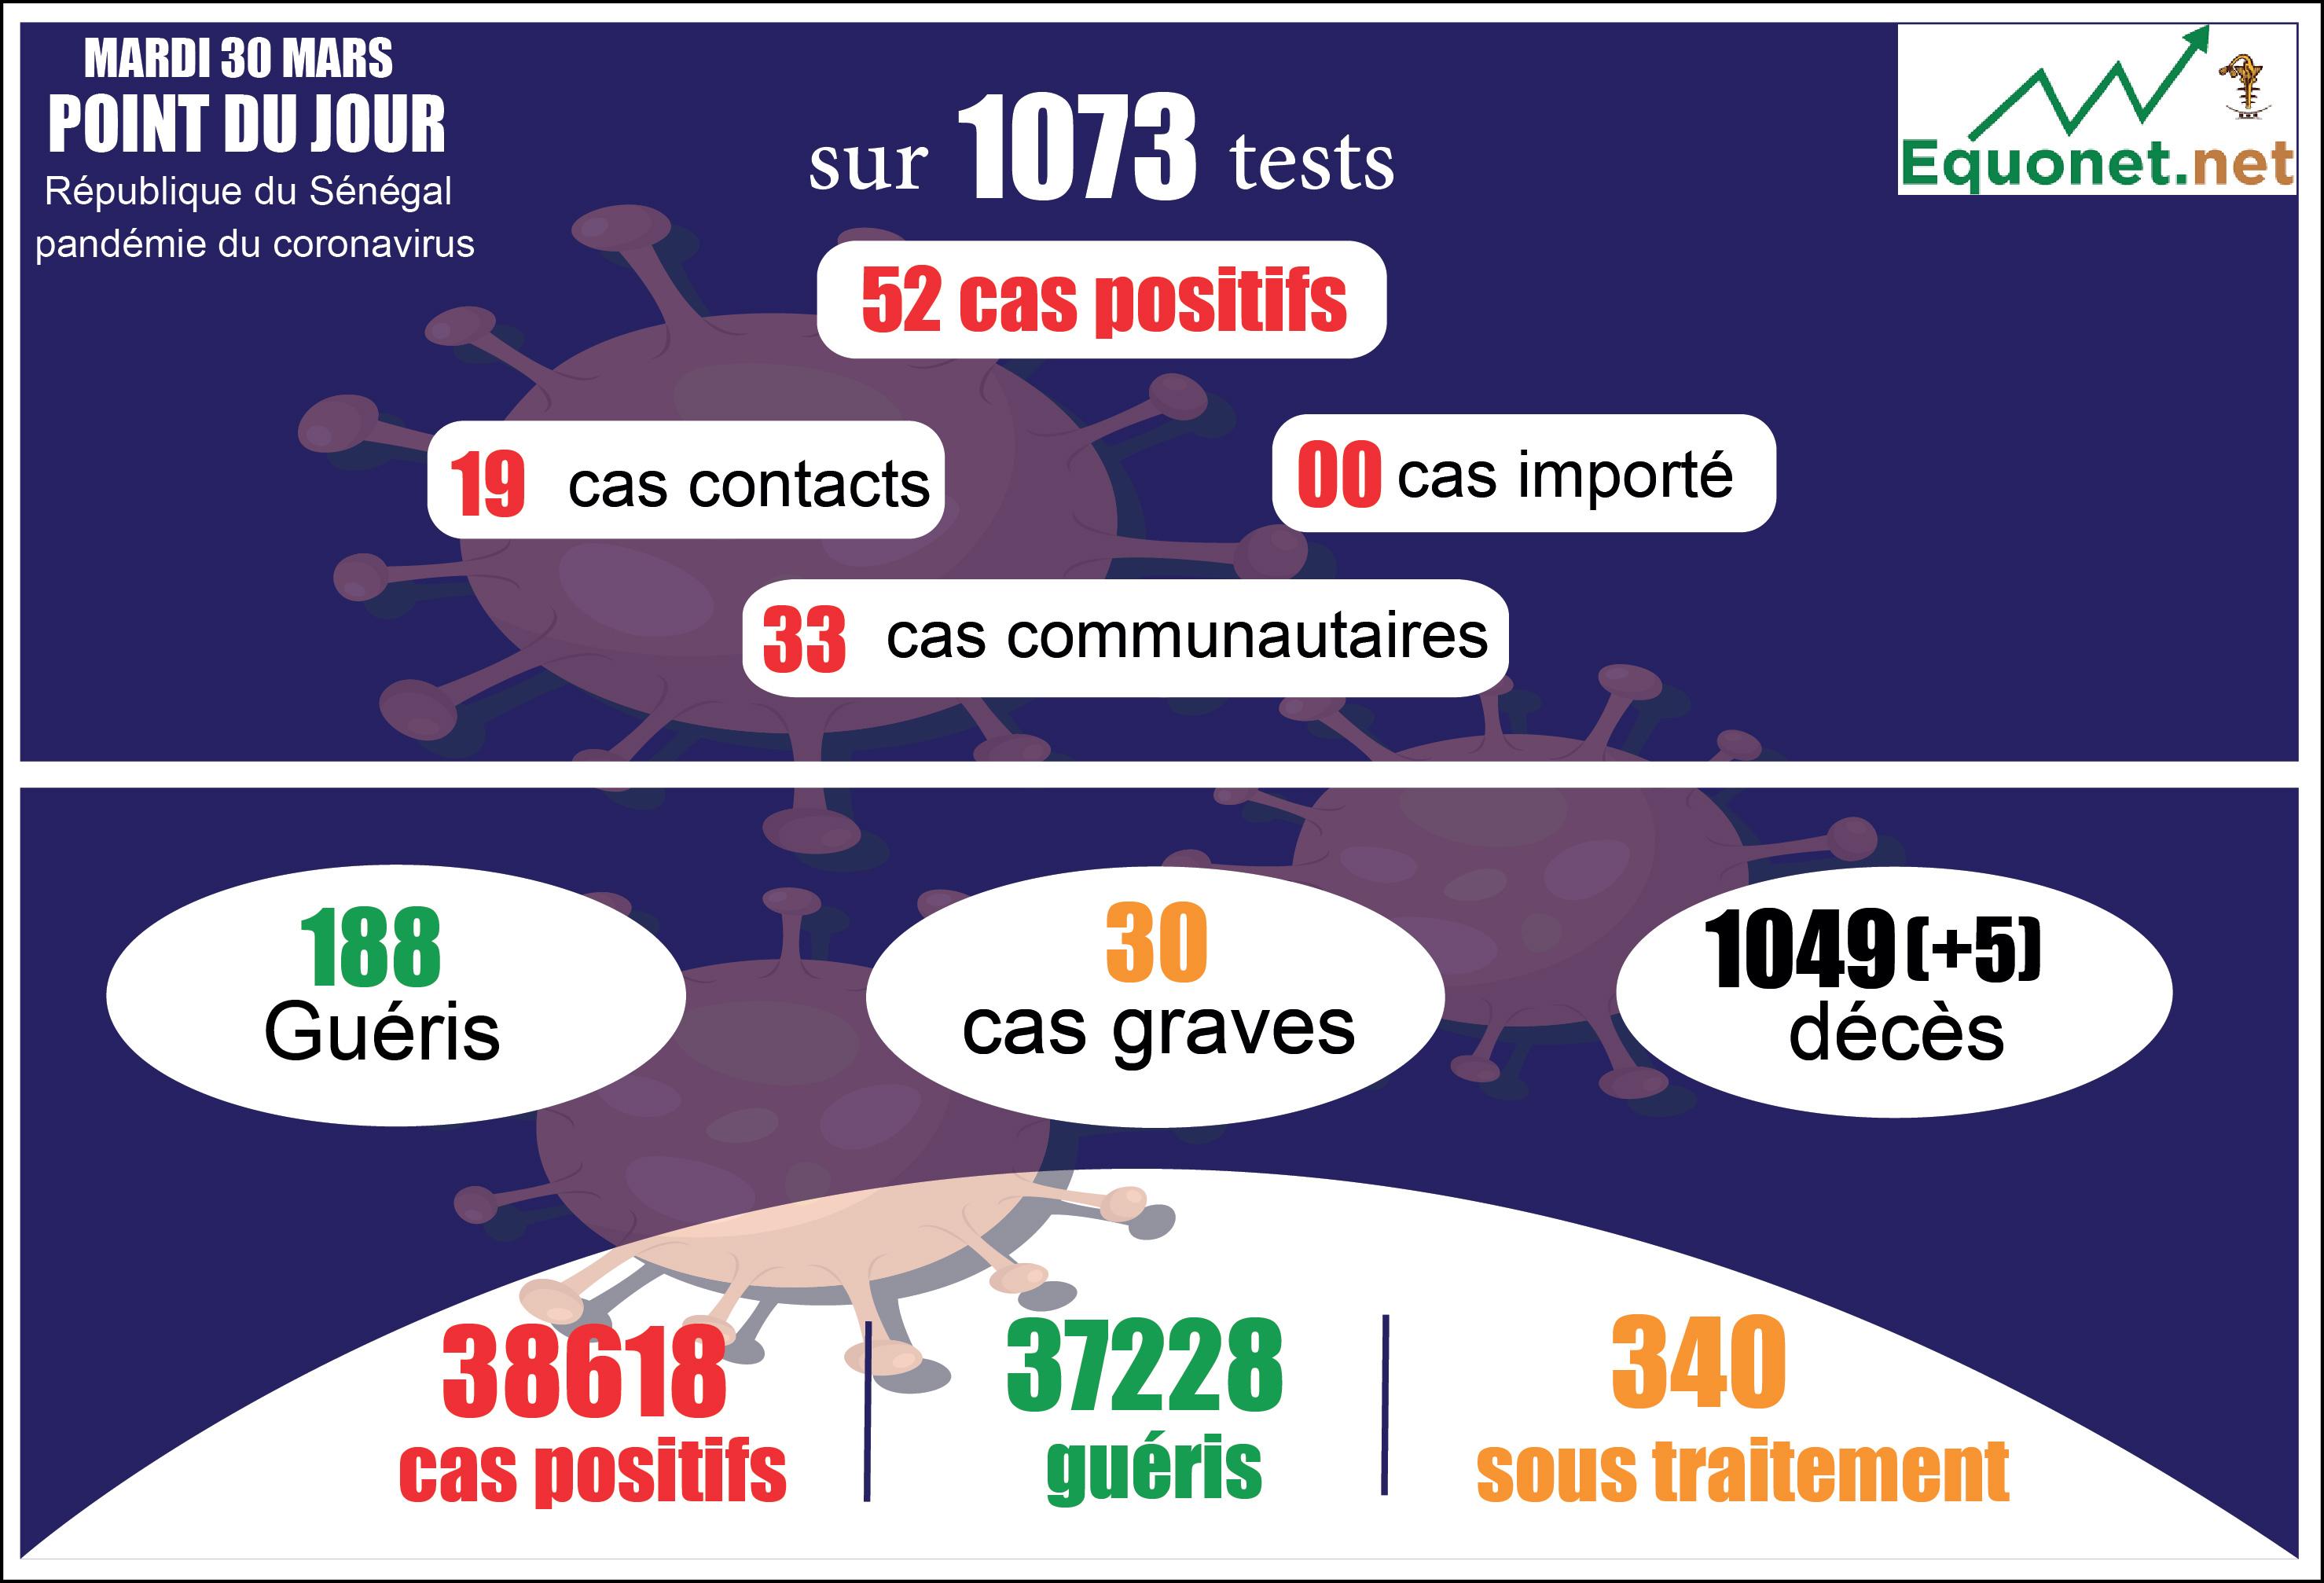 pandémie du coronavirus-covid-19 au sénégal : 33 cas communautaires et 05 décès enregistrés ce mardi 30 mars 2021